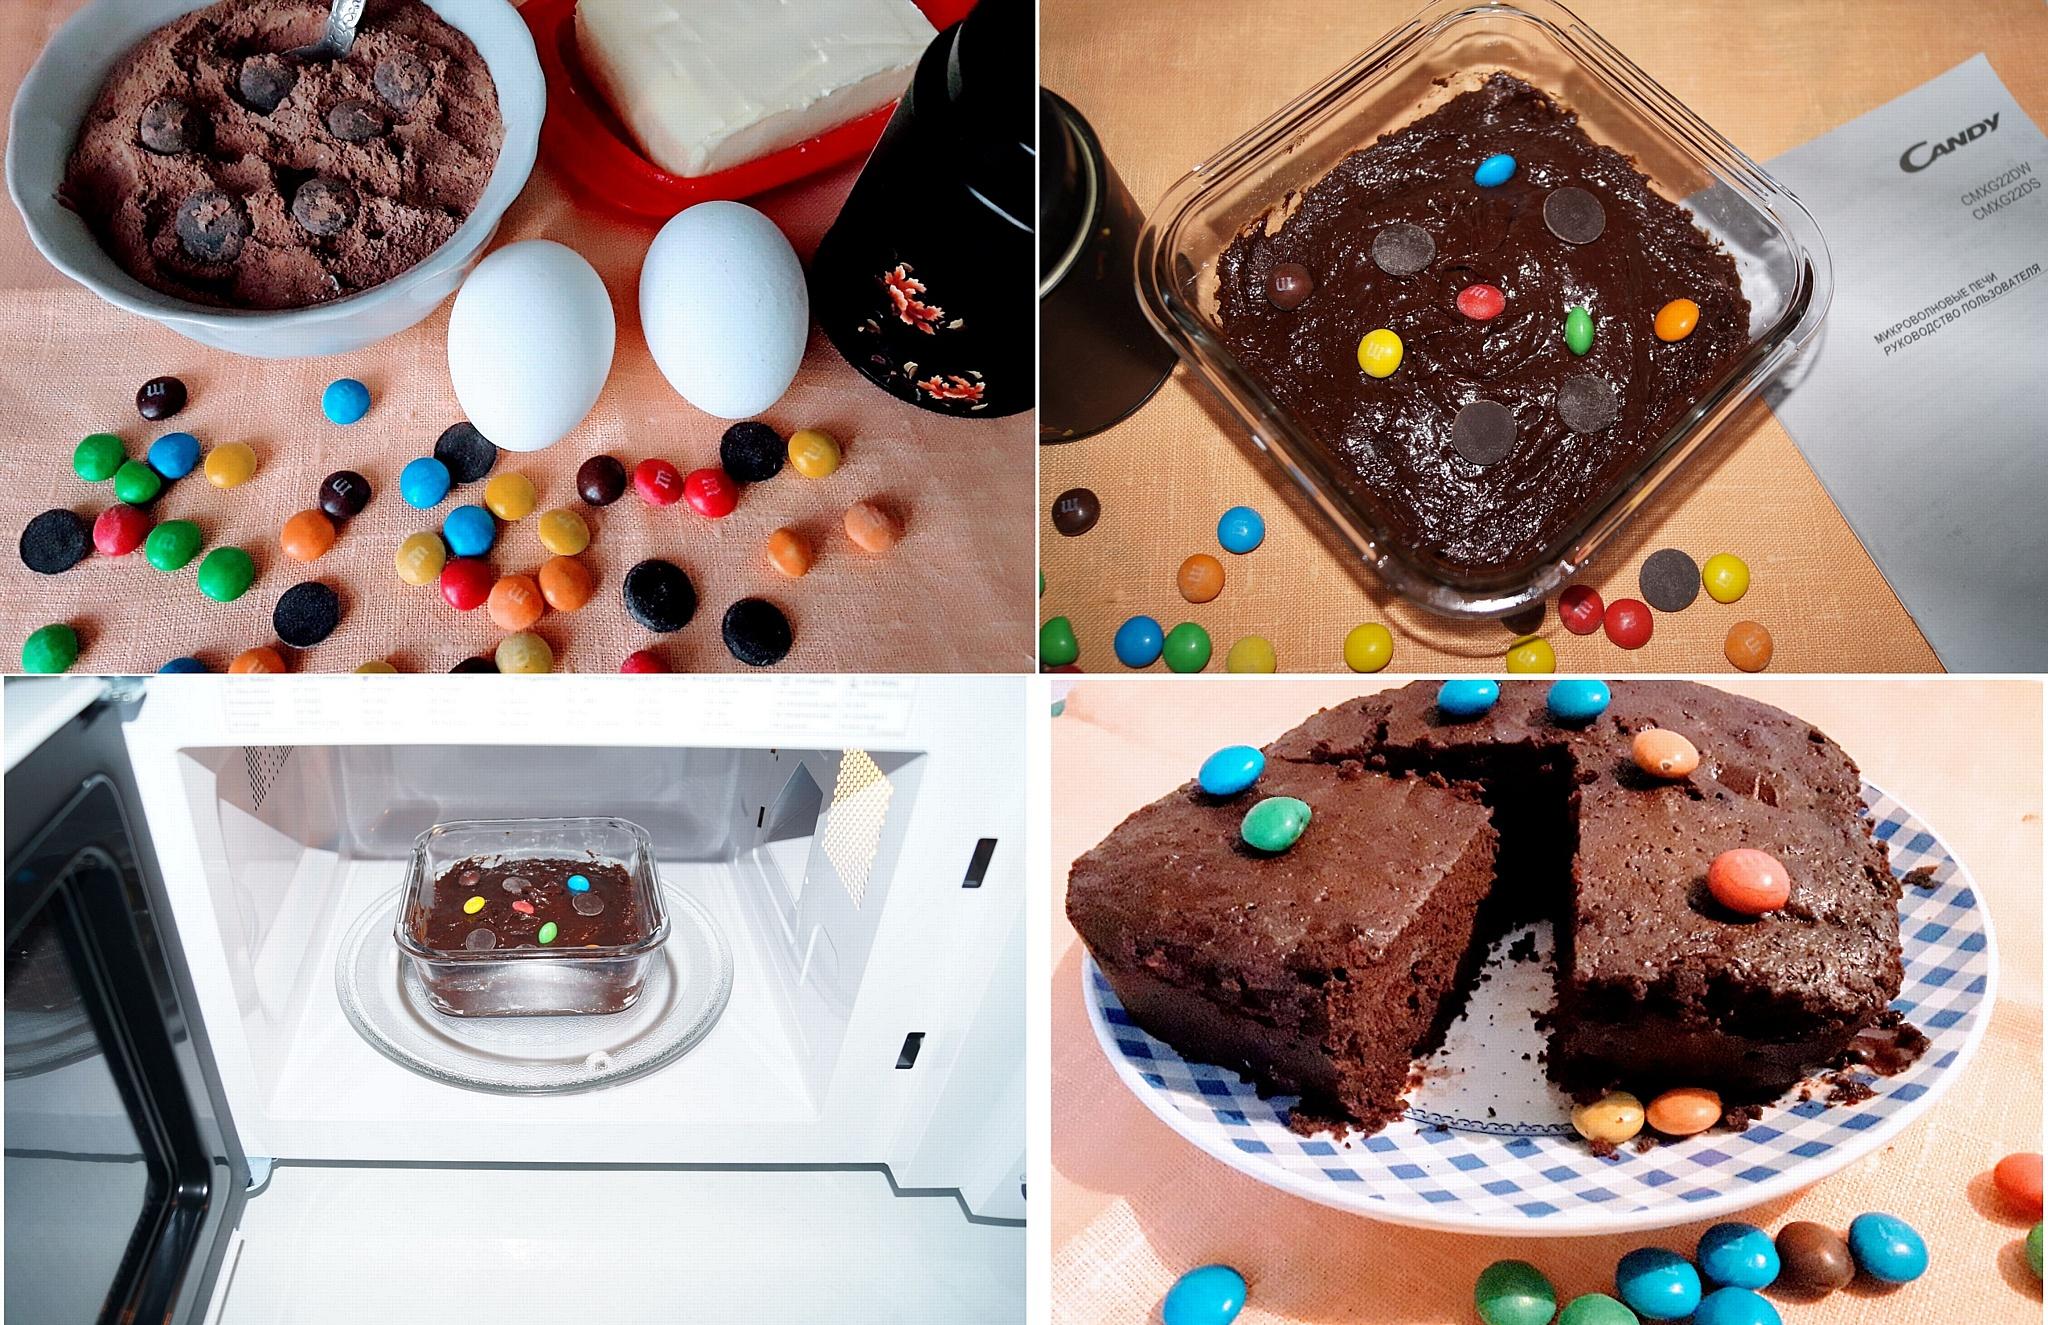 Микроволновая печь Candy СMXG22DW — фея готовки вкусной и полезной еды на вашей кухне.